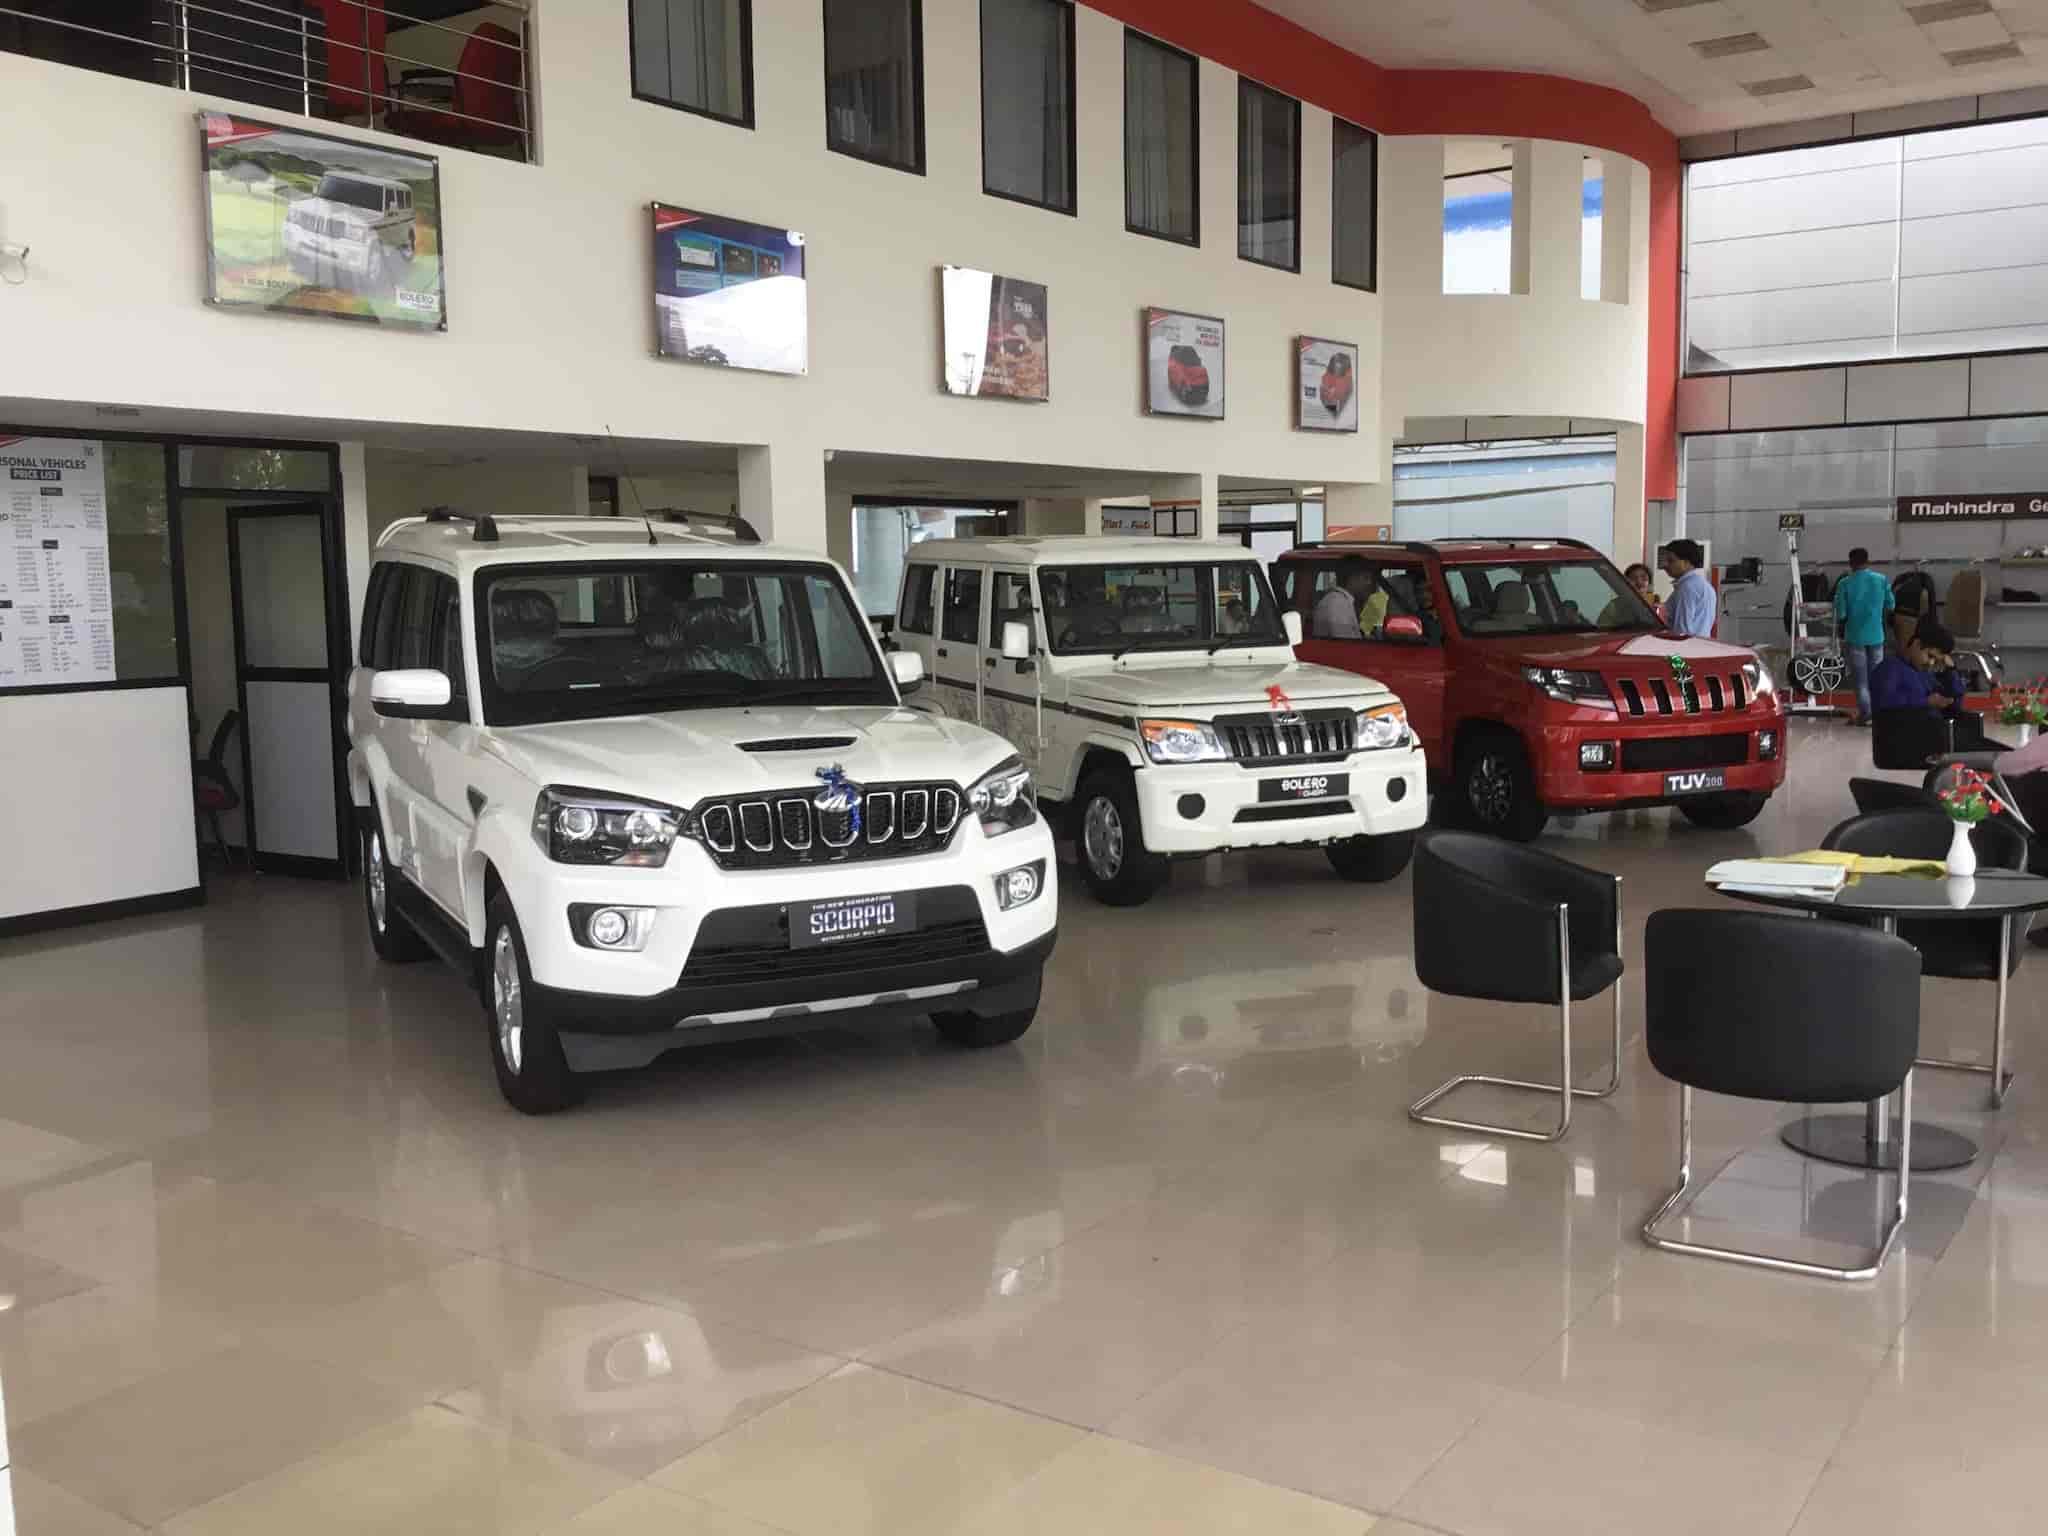 Tvs Mahindra Cochin Maradu Car Dealers In Ernakulam Justdial